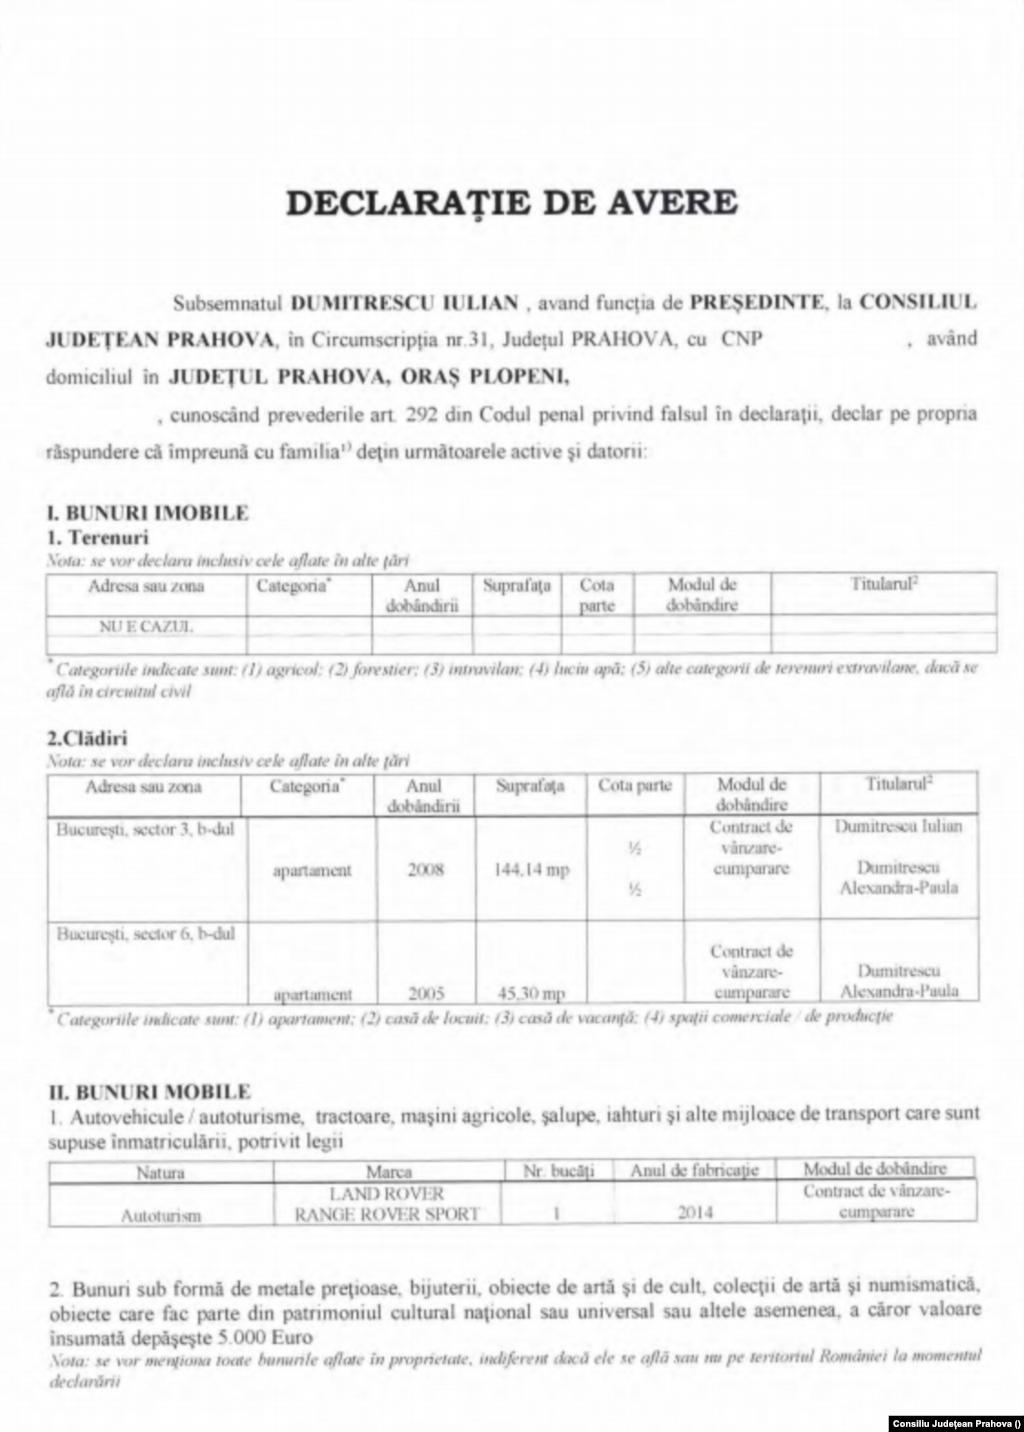 Declarație de avere - Iulian Dumitrescu